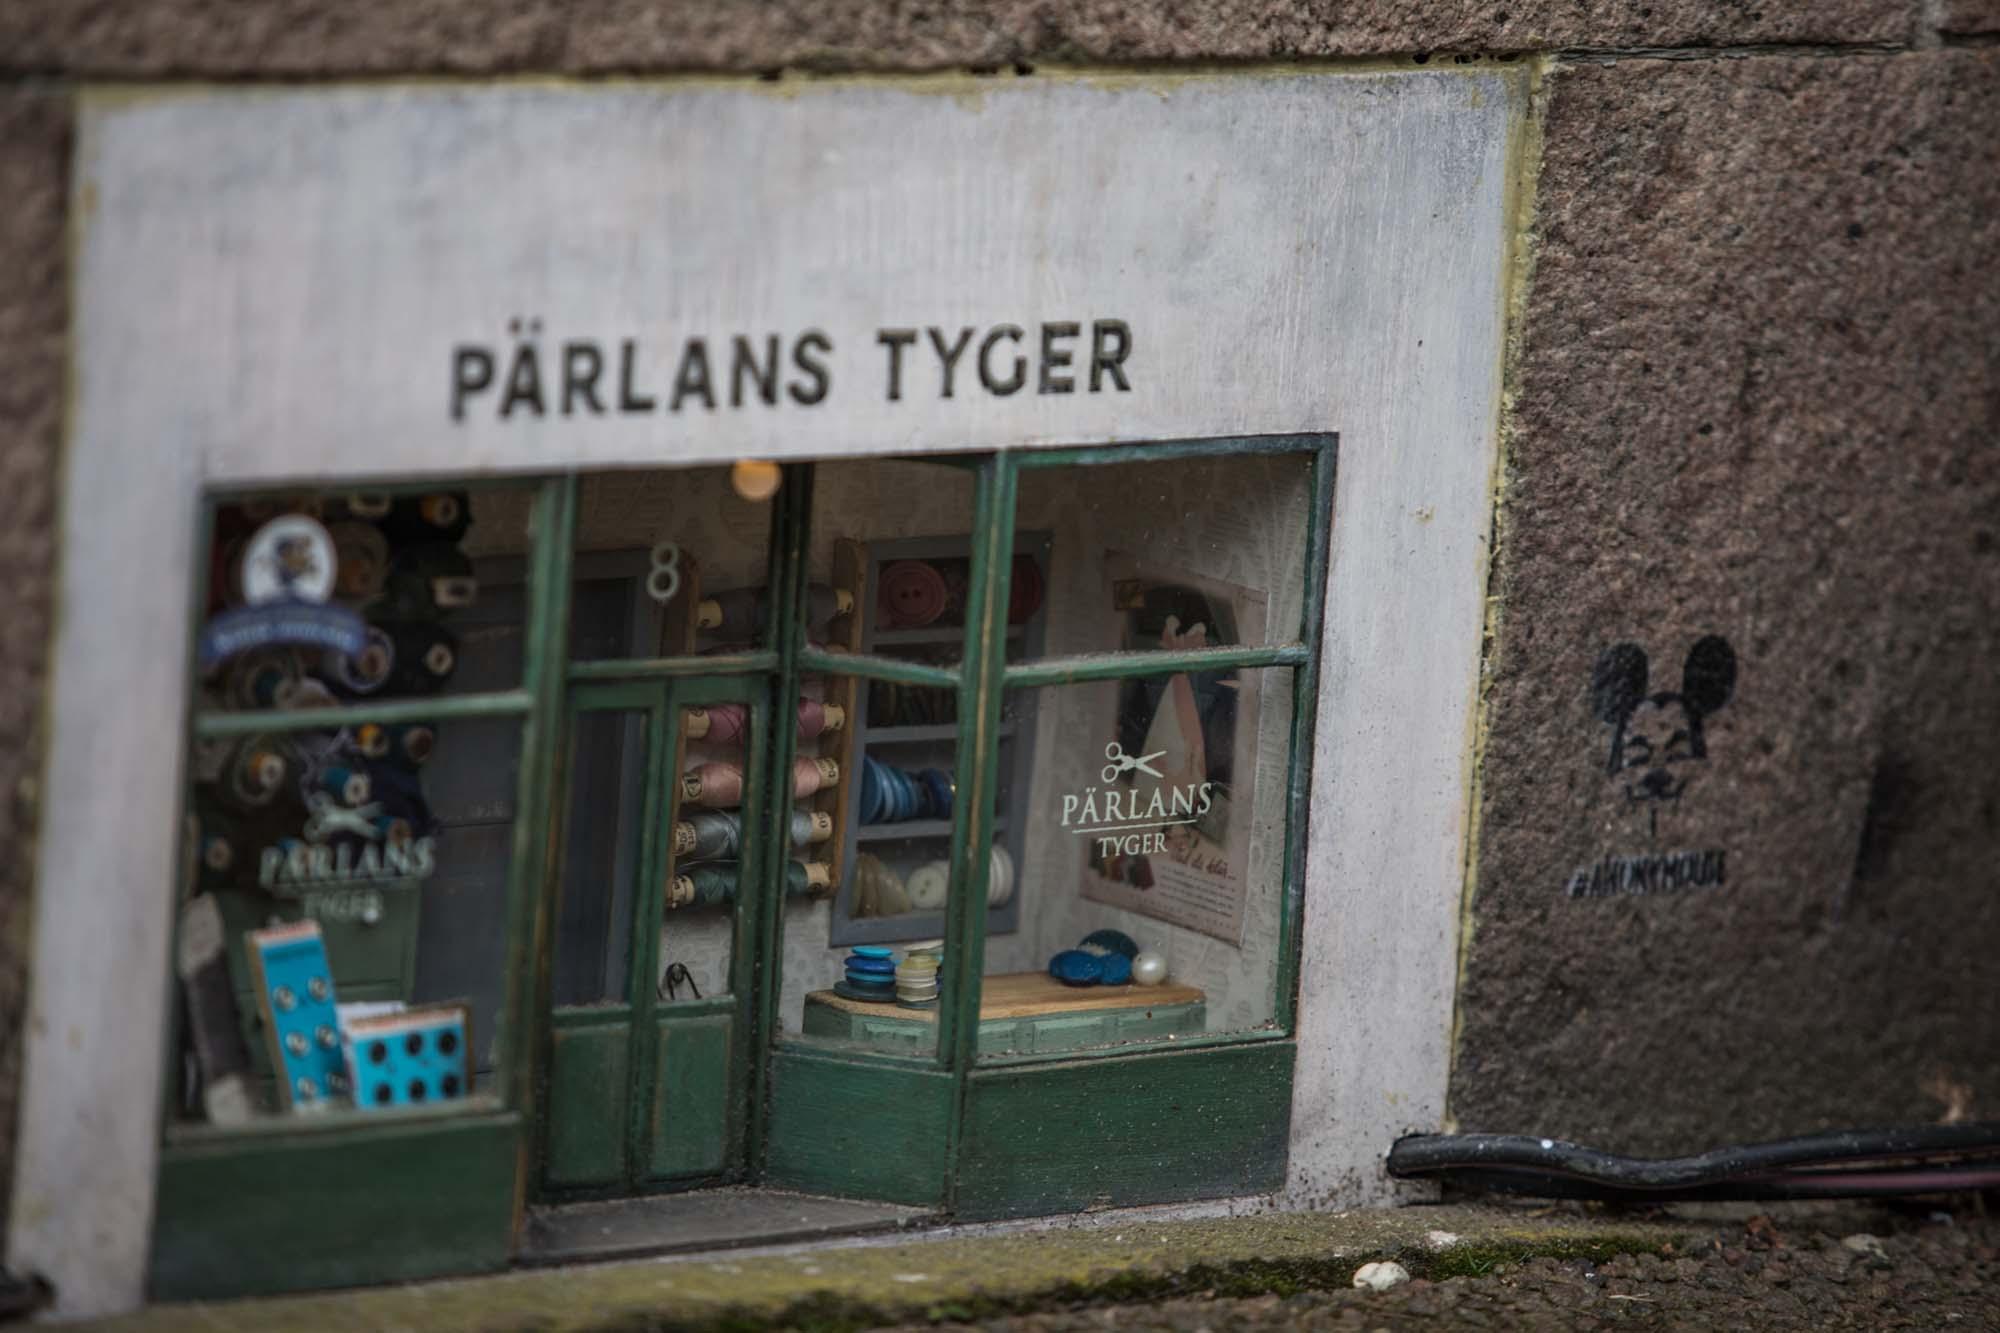 Miniature shop Parlans Tyger street art in Boras, Sweden